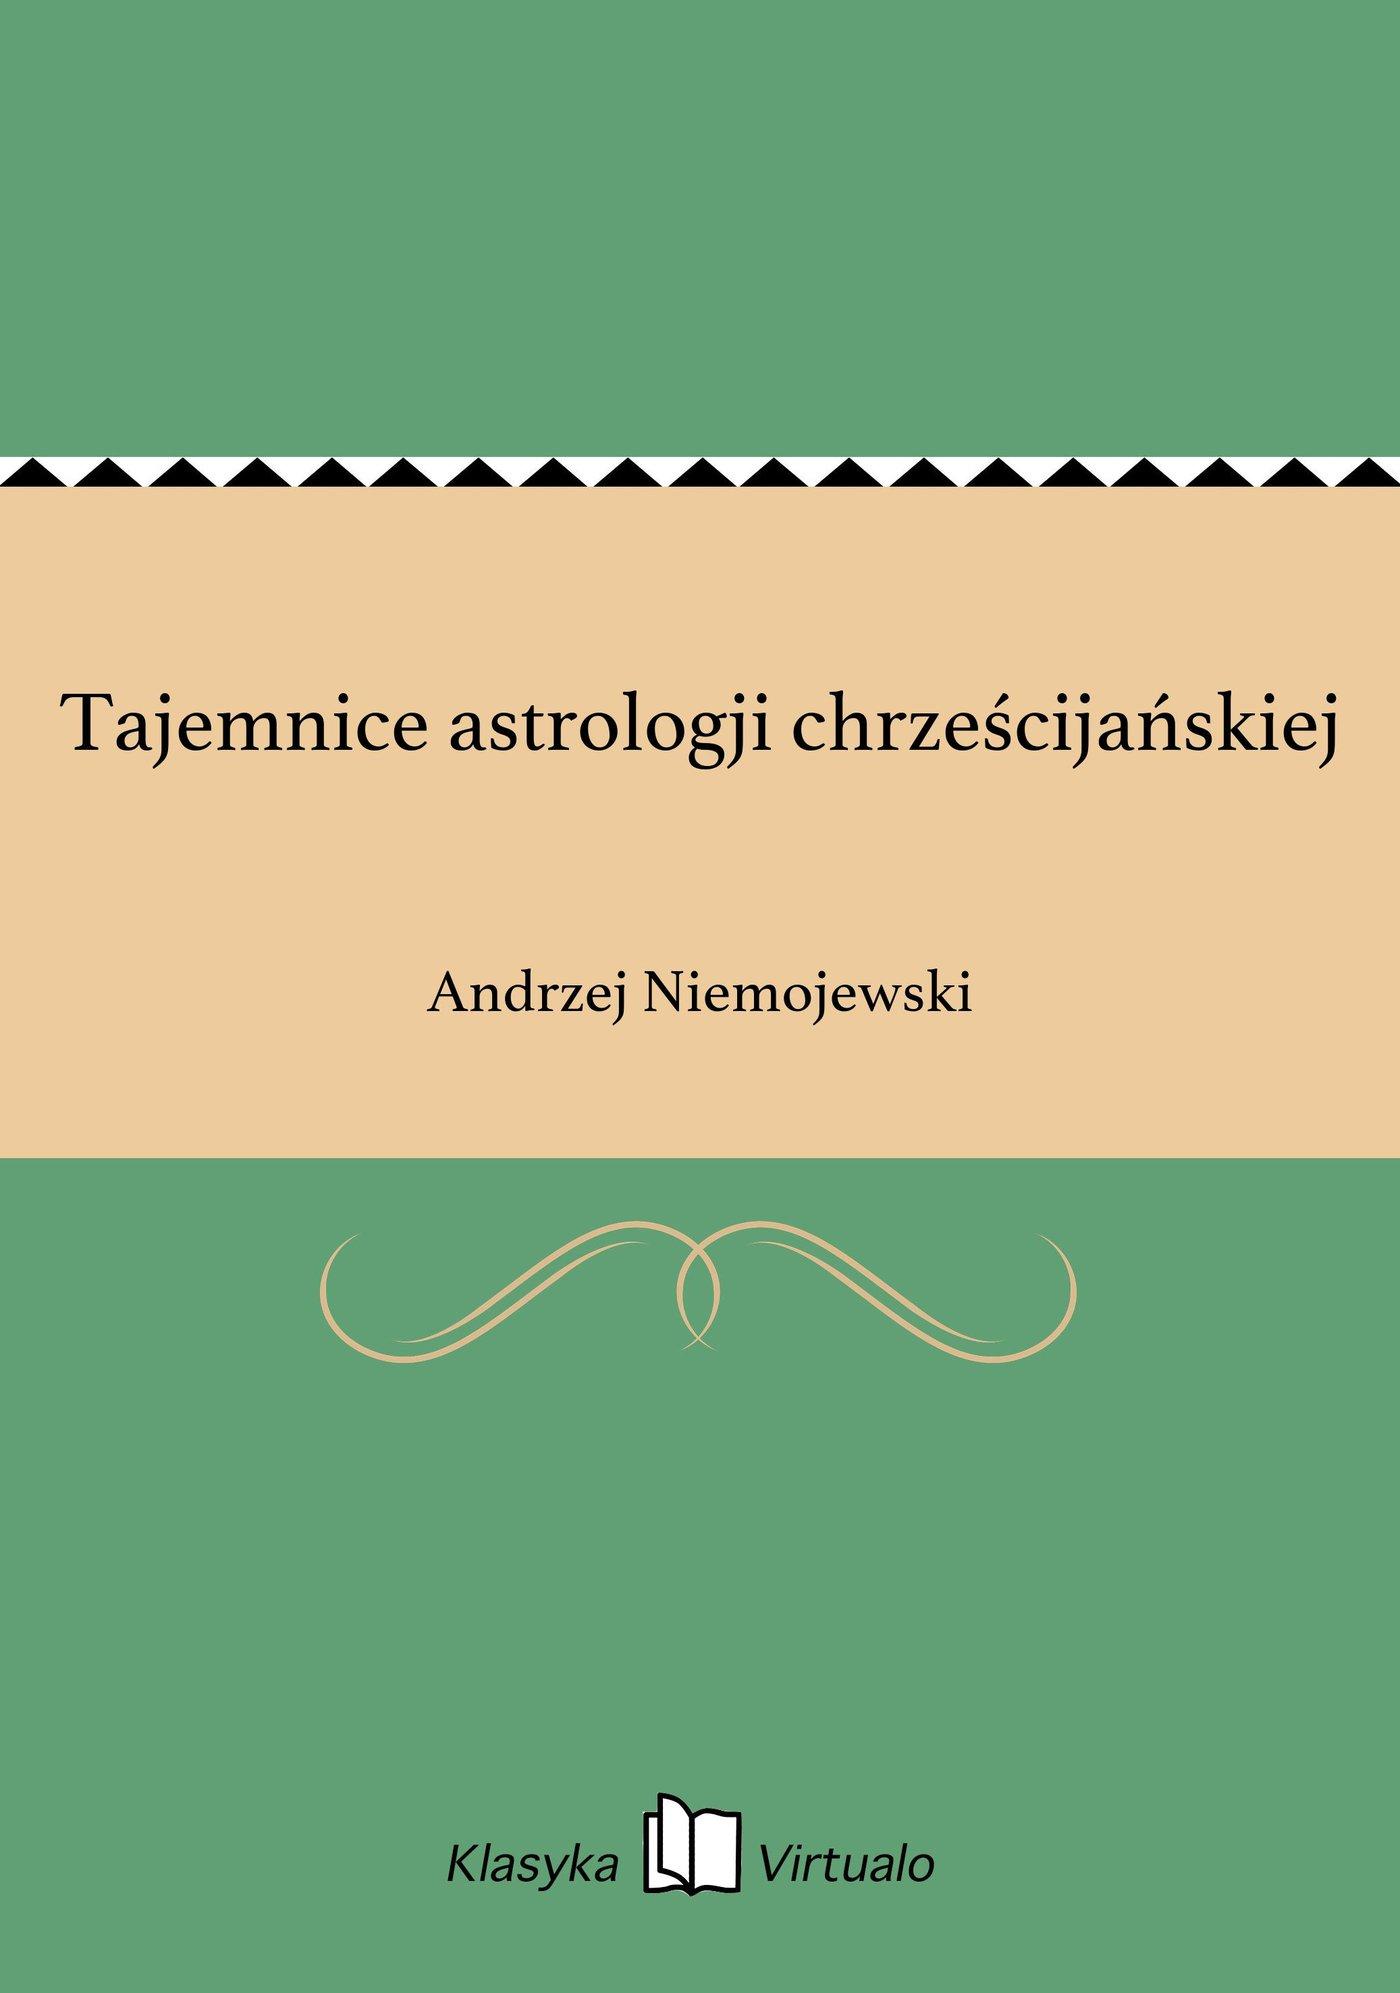 Tajemnice astrologji chrześcijańskiej - Ebook (Książka EPUB) do pobrania w formacie EPUB